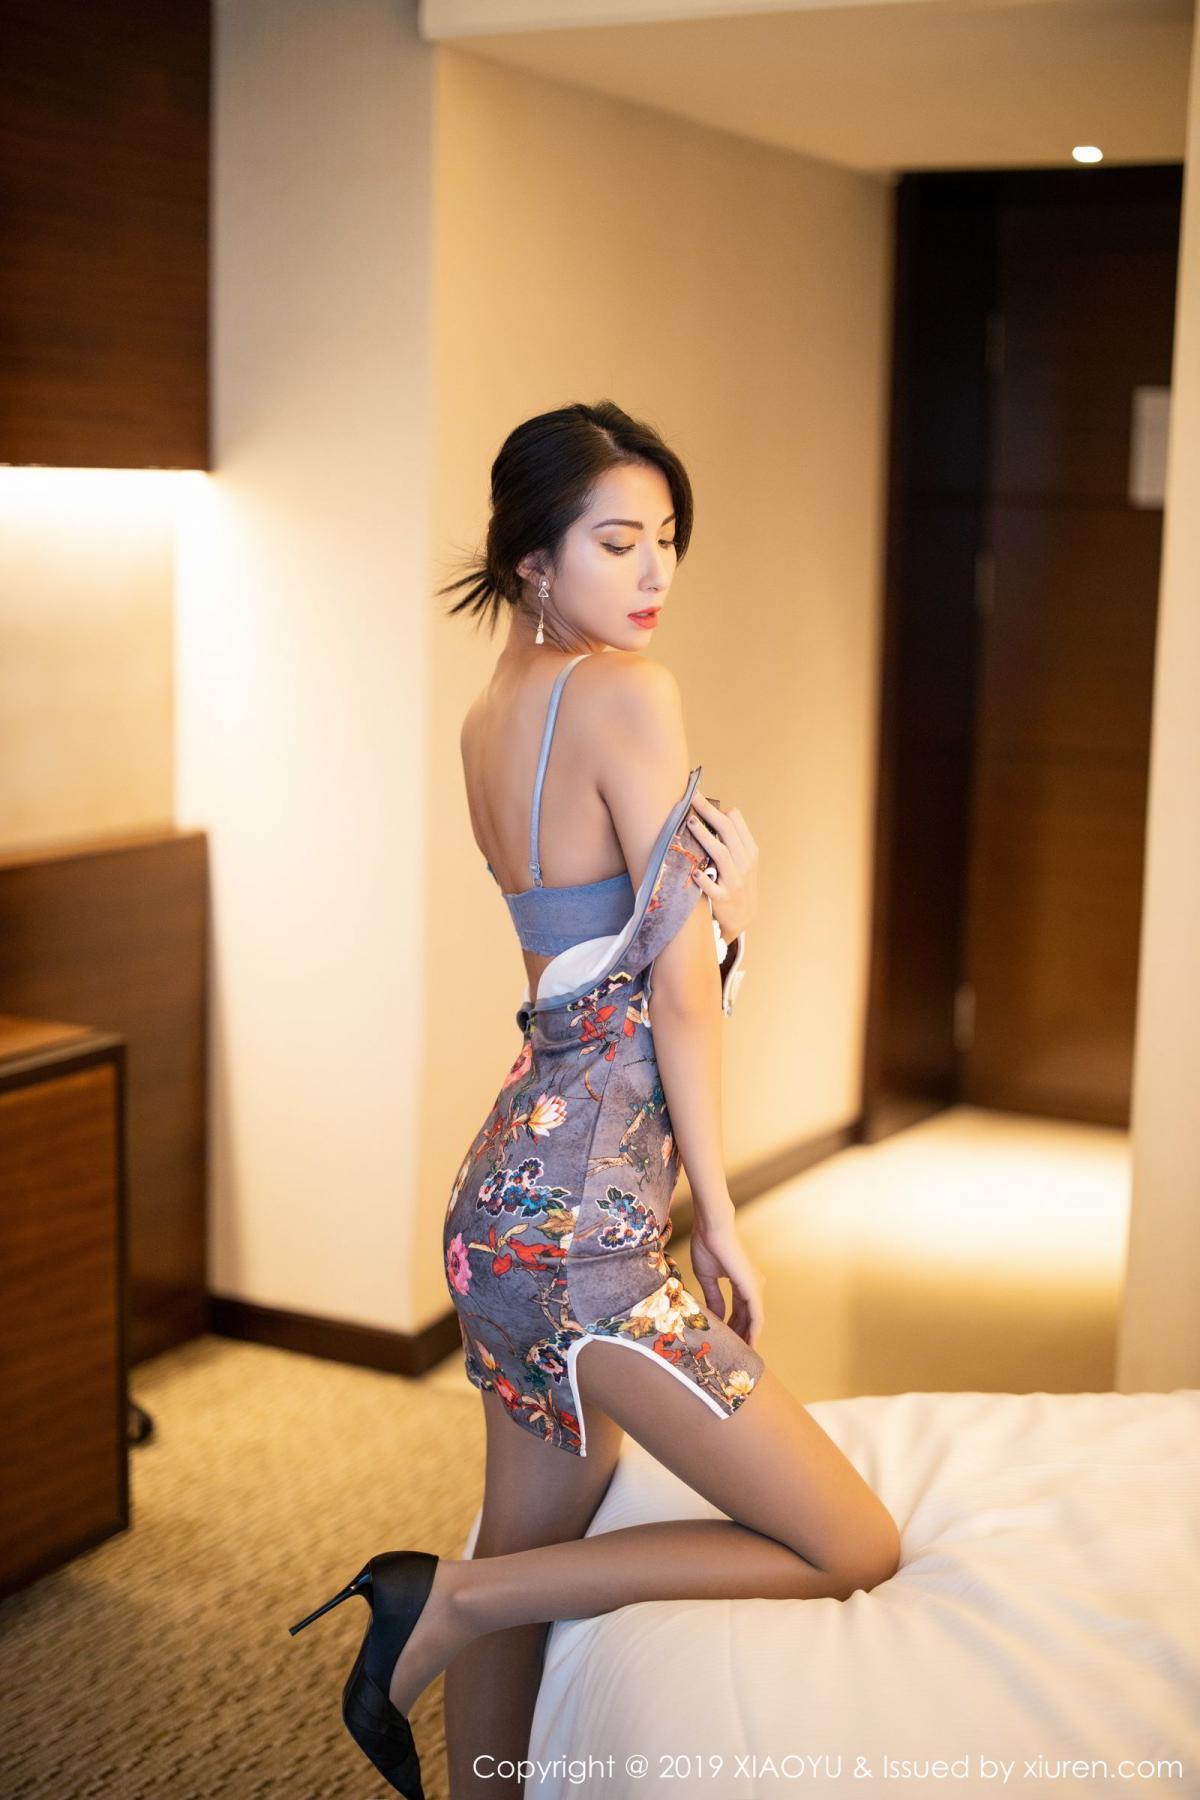 [XiaoYu] Vol.196 Chen Liang Ling 42P, Chen Liang Ling, Cheongsam, Temperament, Underwear, XiaoYu